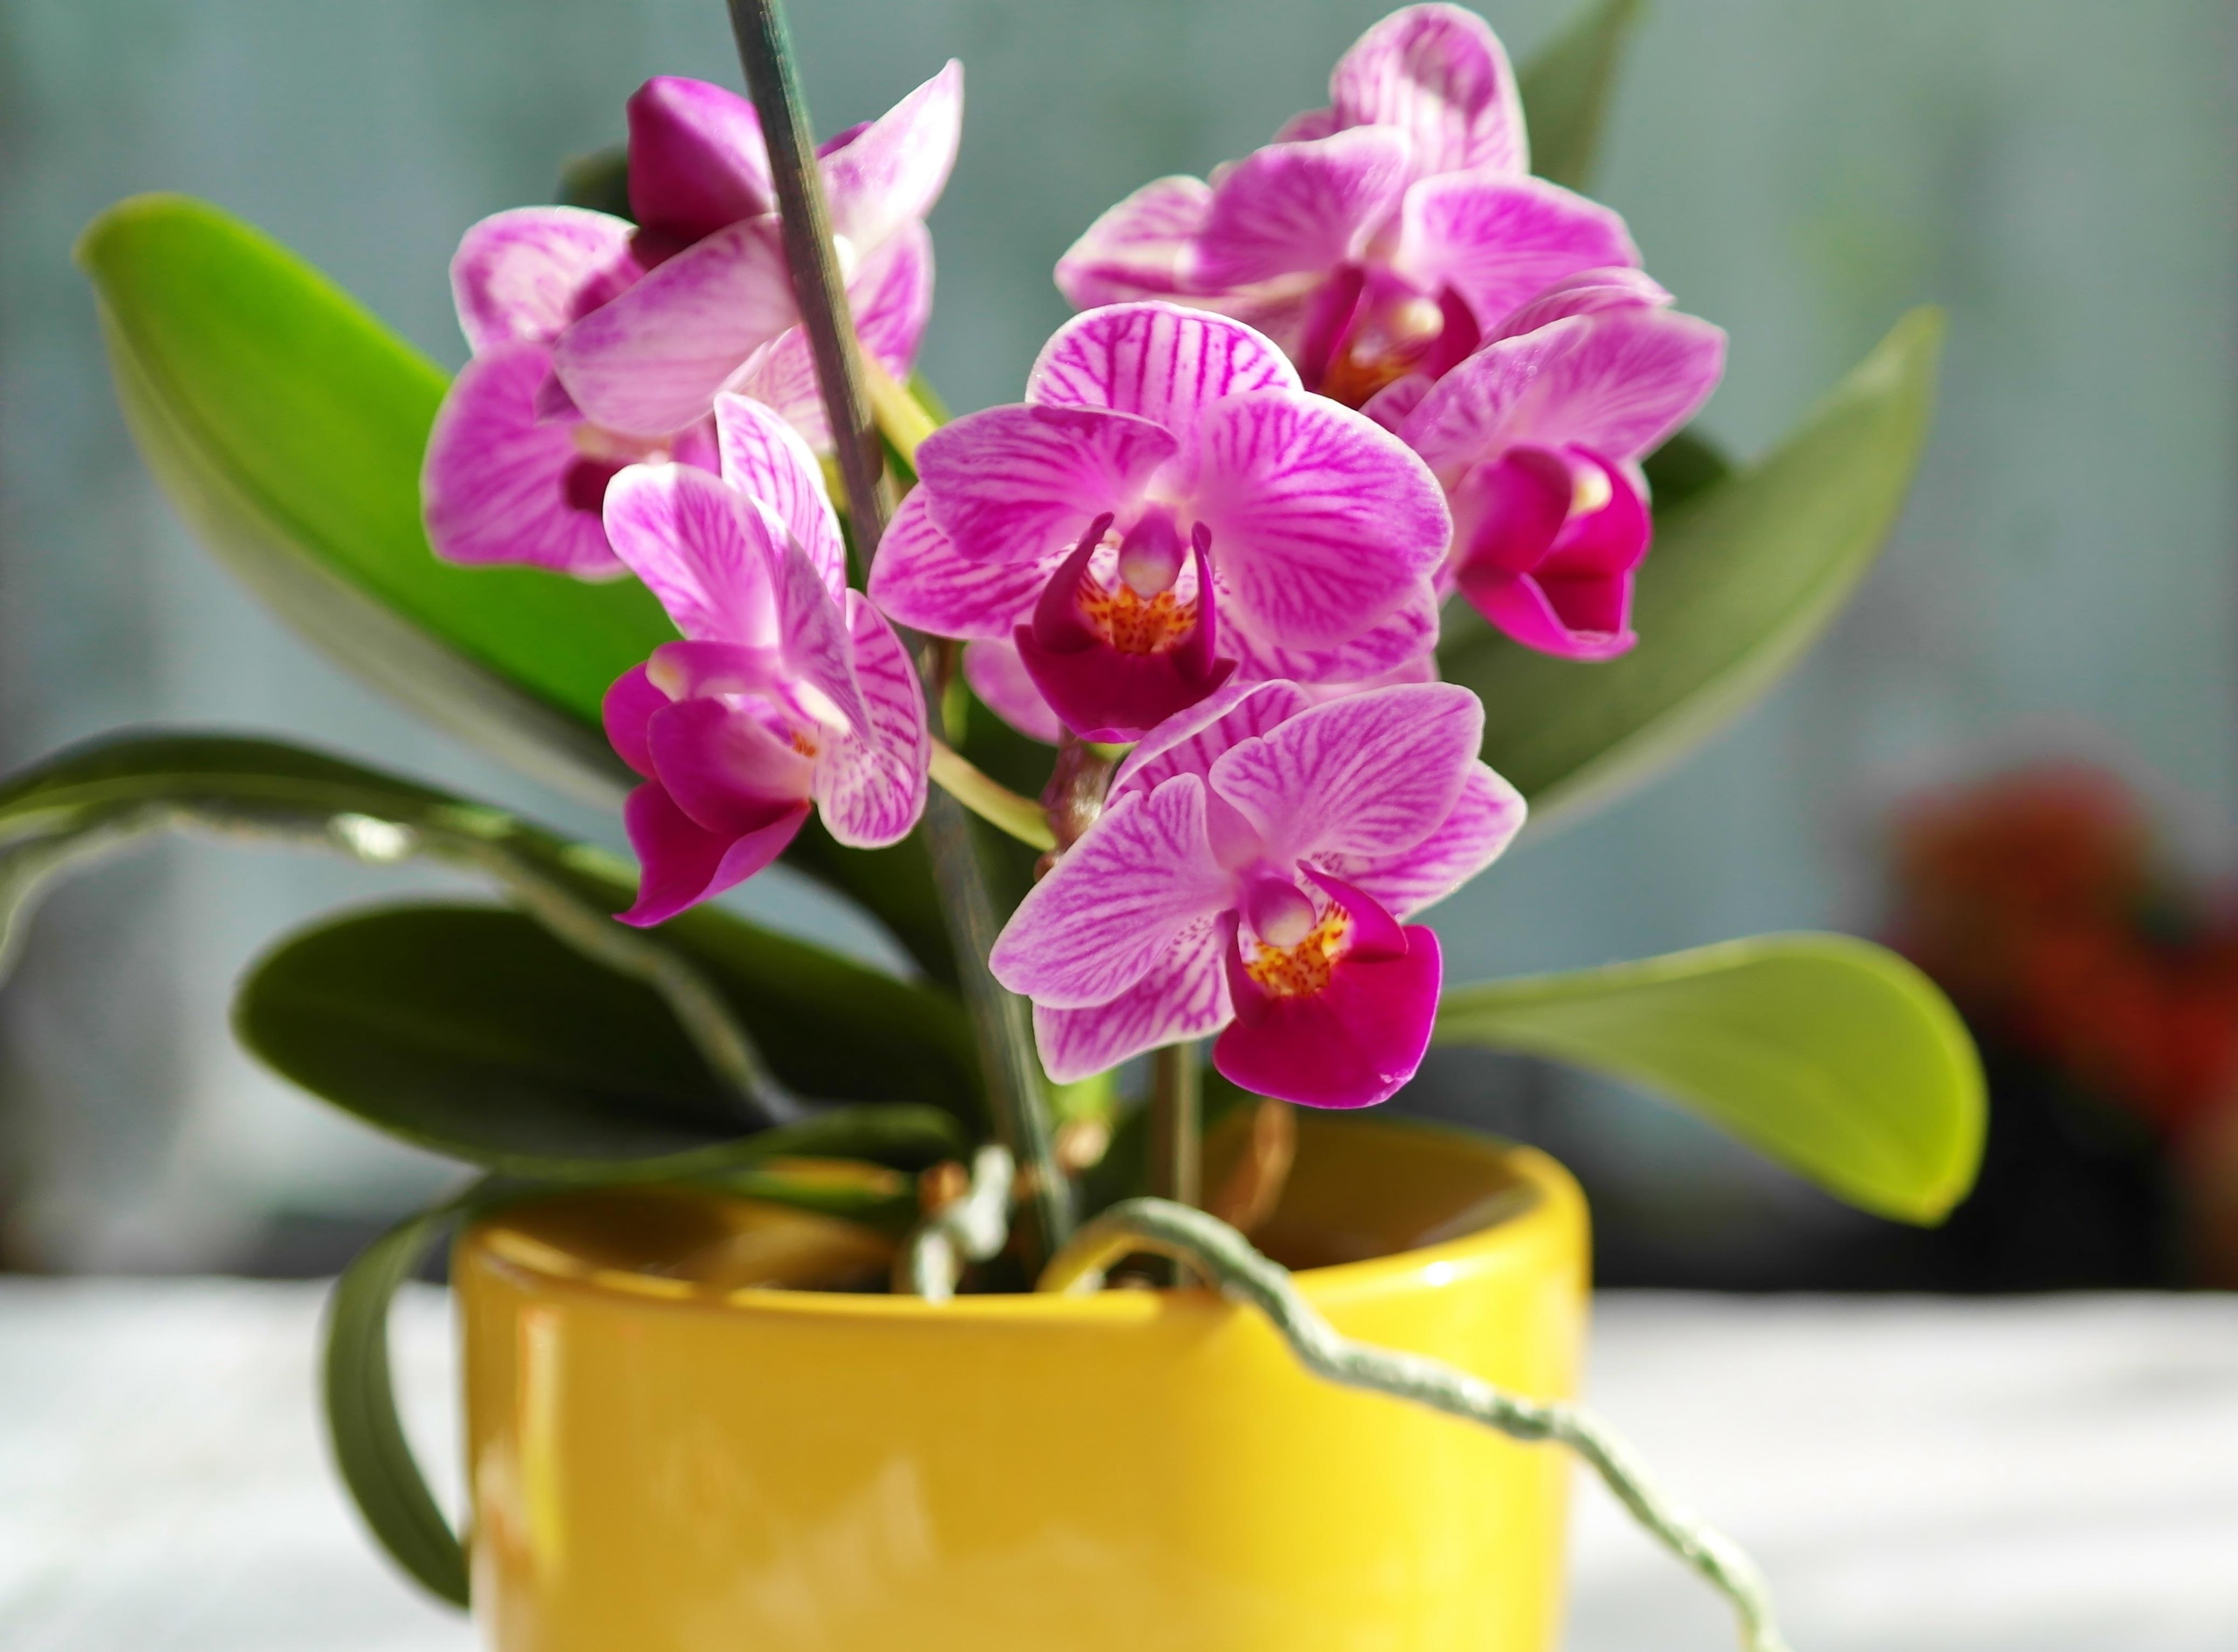 орхидея и уход за ней в картинках старую коробку